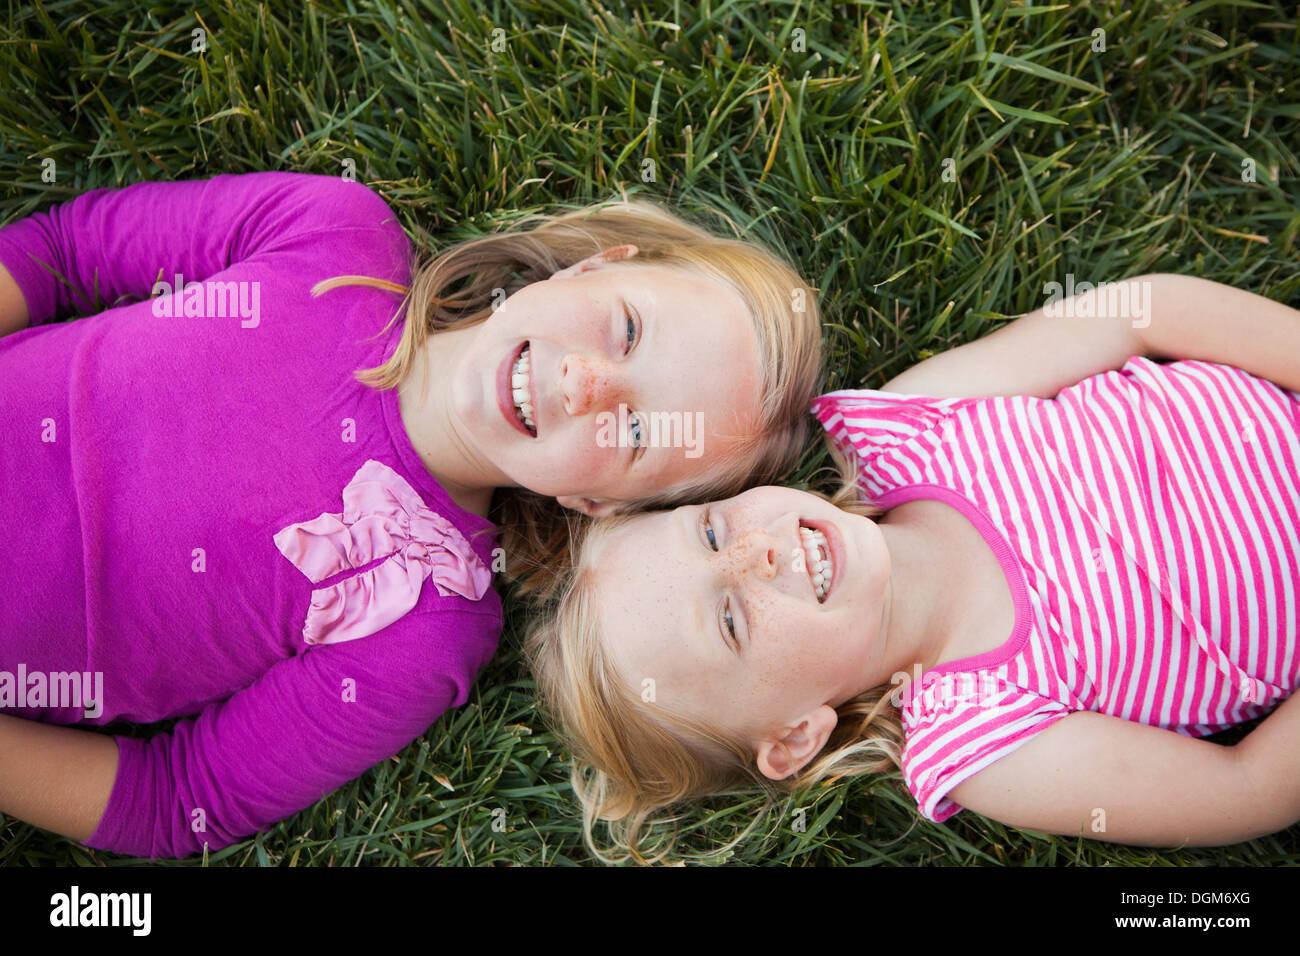 Ein Porträt von zwei Schwestern, die lächelnd. Ansicht von oben, von zwei Mädchen liegen auf dem Rücken im Gras, die Köpfe zusammen. Stockbild